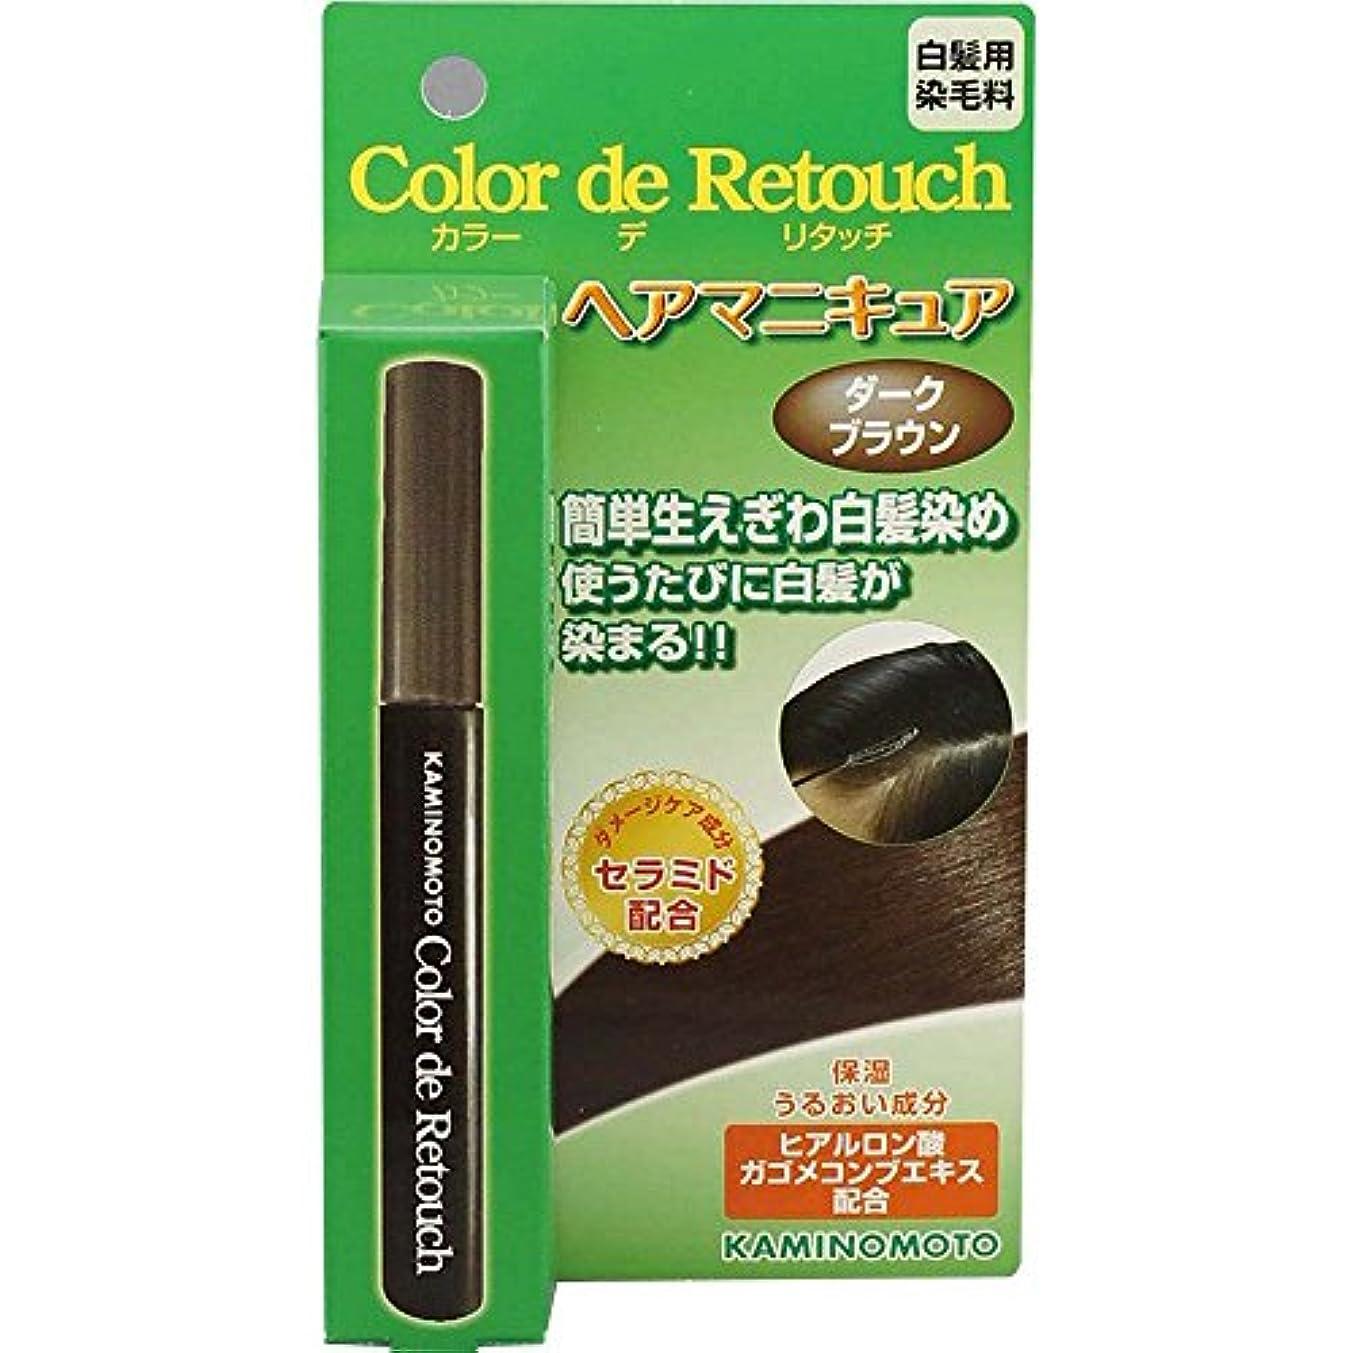 イタリック部分的に分注する加美乃素 カラー デ リタッチ ダークブラウン 10mL